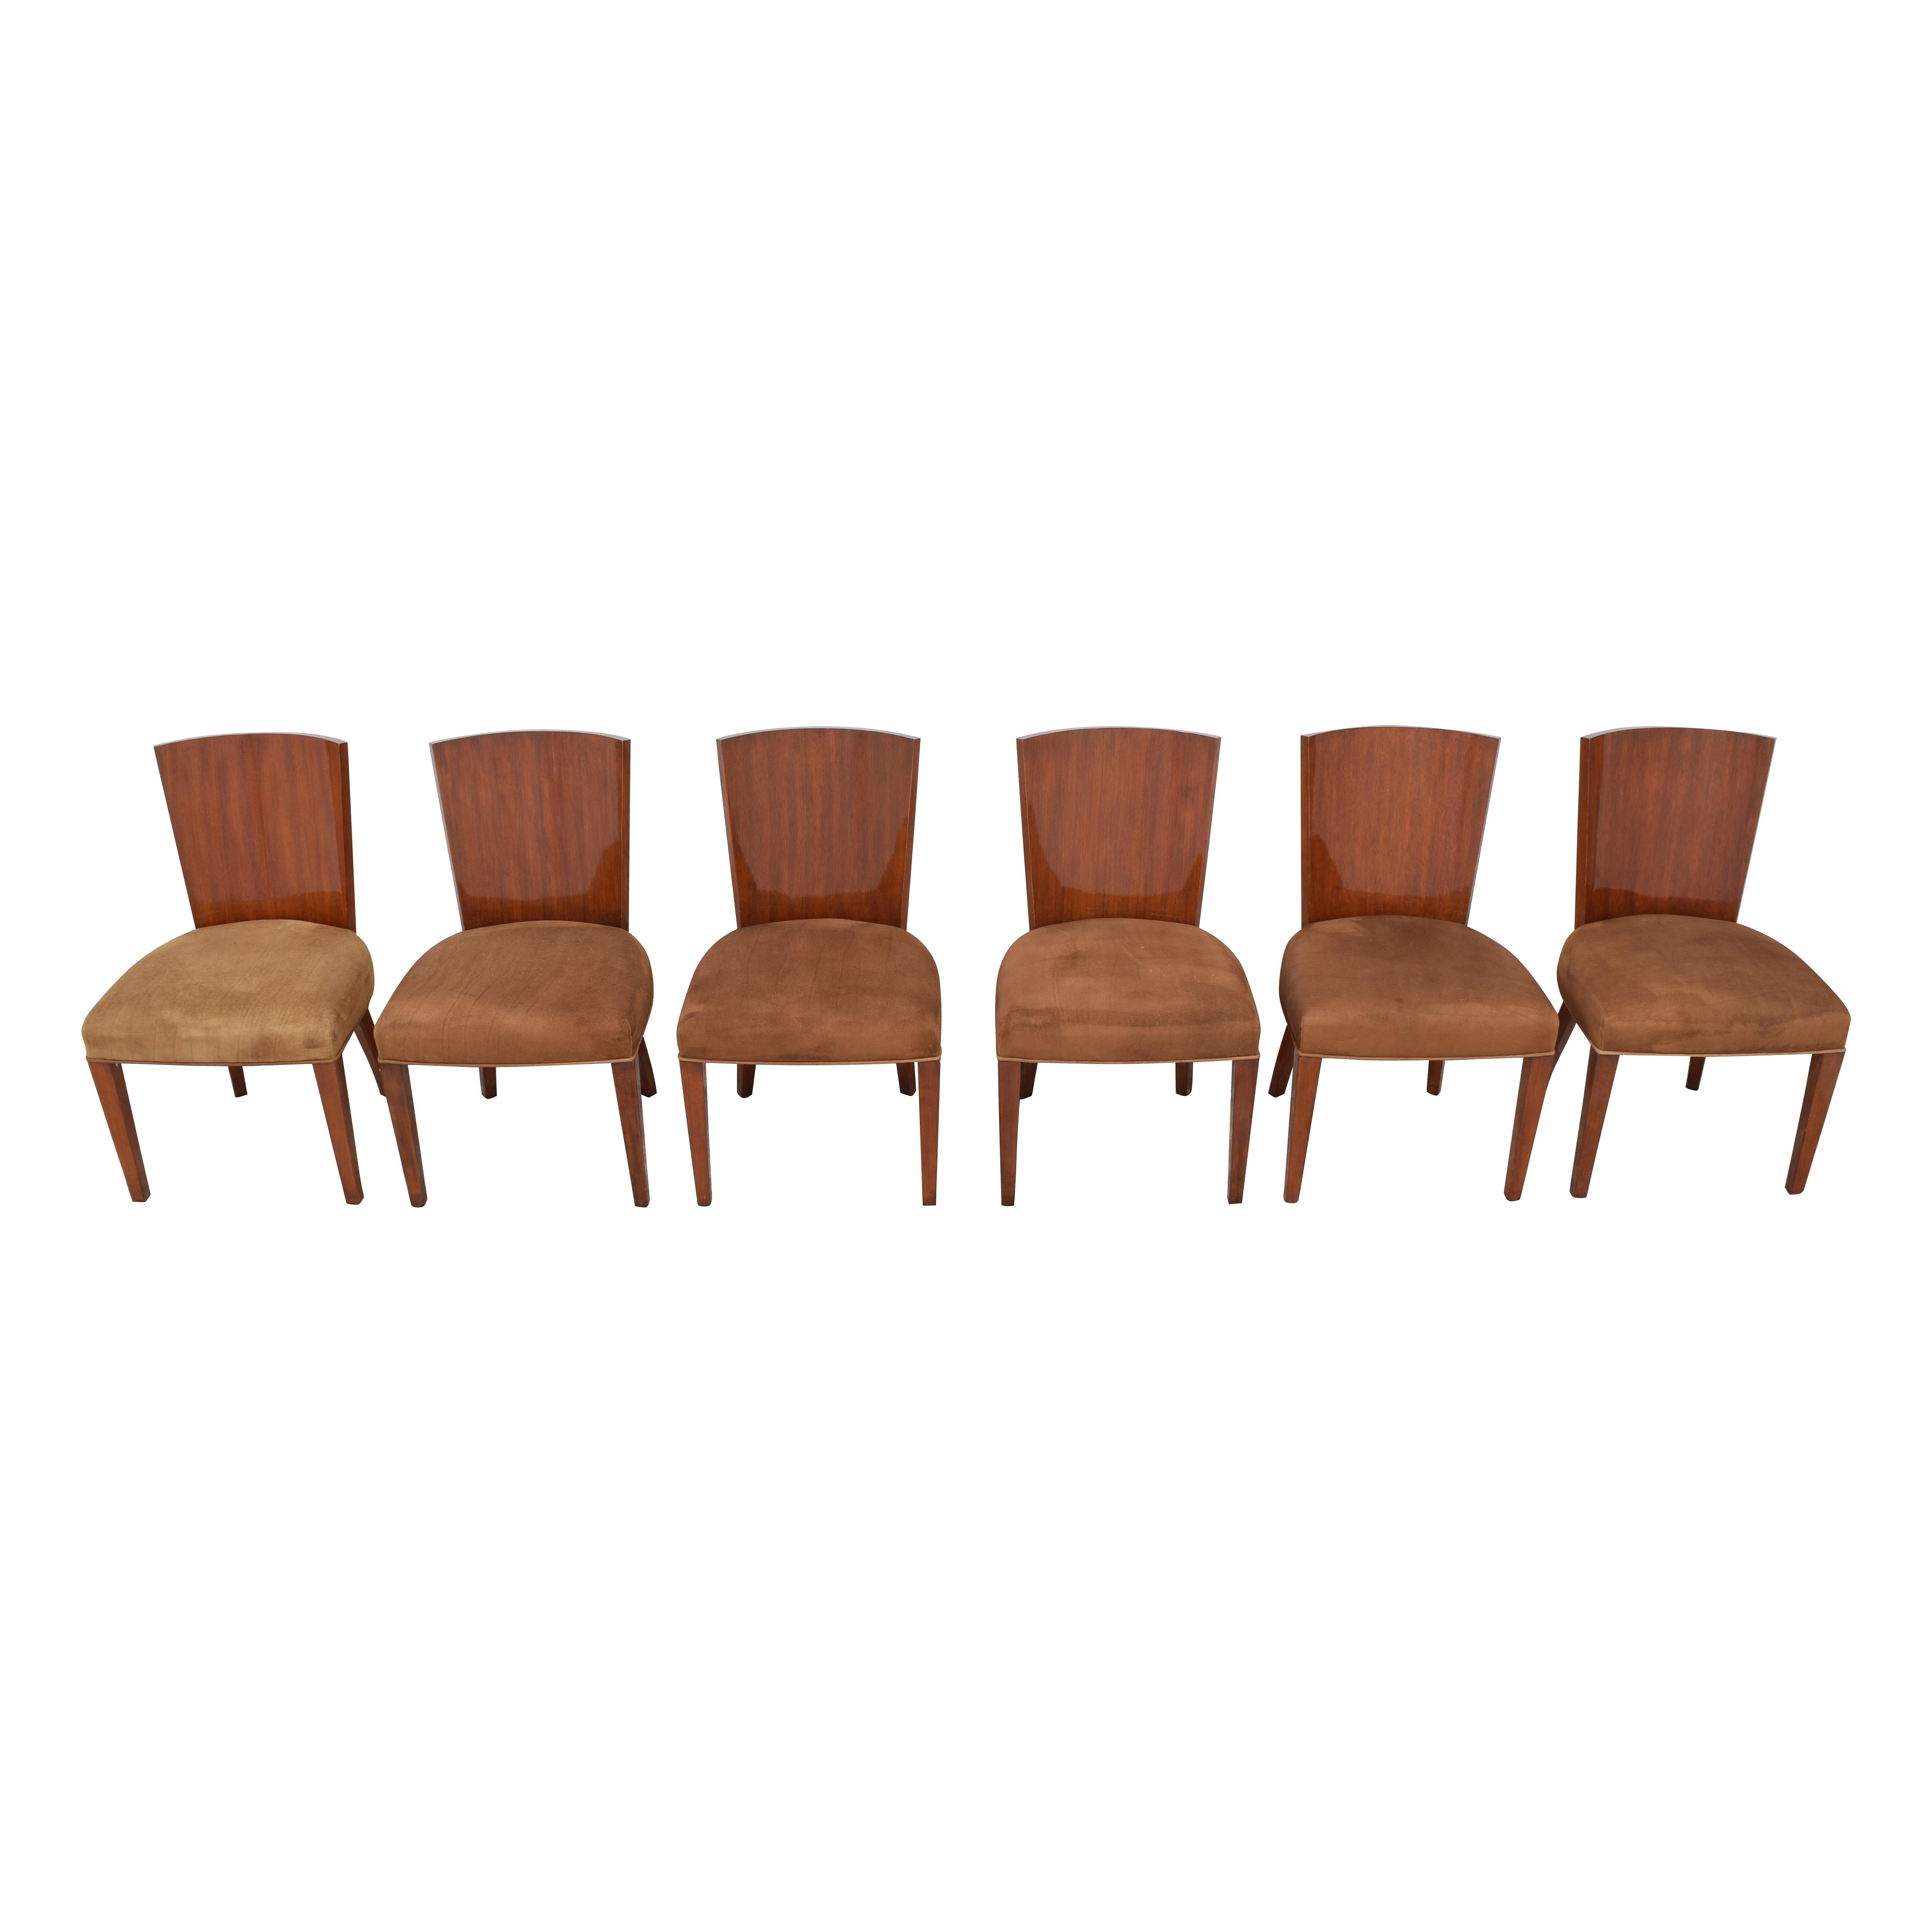 Ralph Lauren Home Ralph Lauren Modern Hollywood Dining Side Chairs second hand